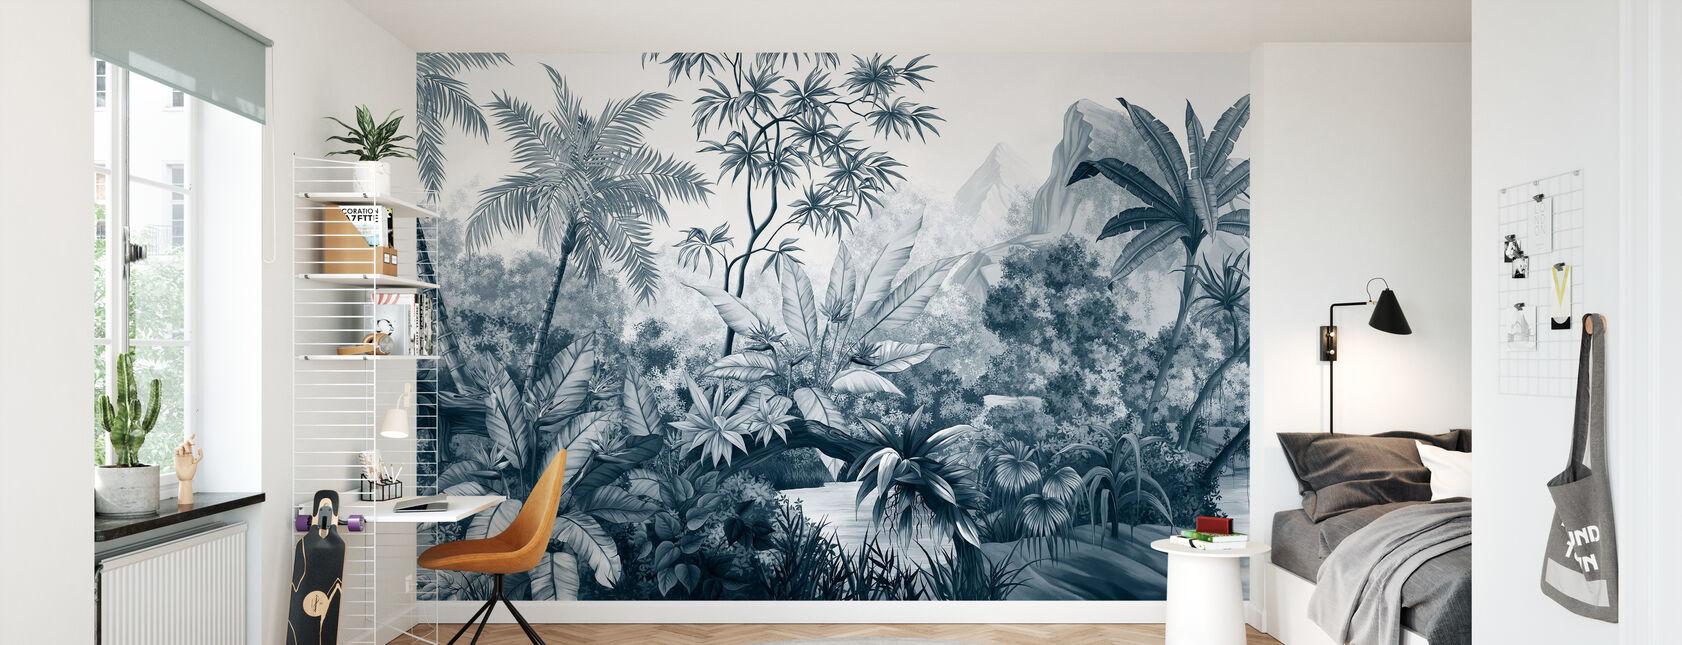 Jungle emmêlée - Bleu Foncé - Papier peint - Chambre des enfants